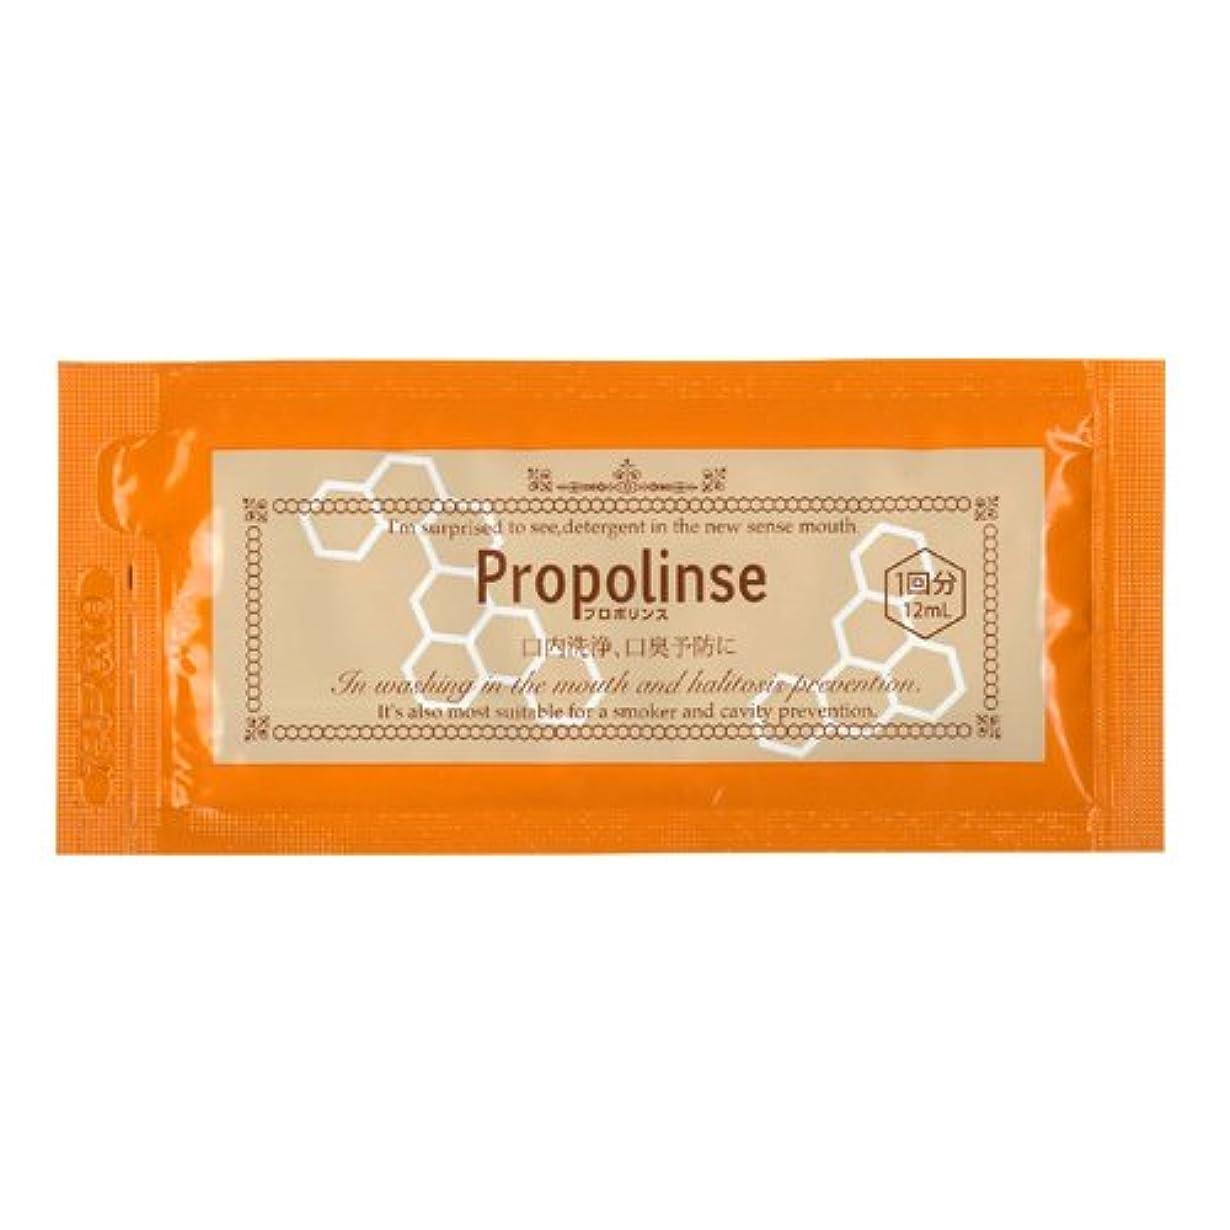 討論アピール中止しますプロポリンス ハンディパウチ 12ml(1袋)×100袋